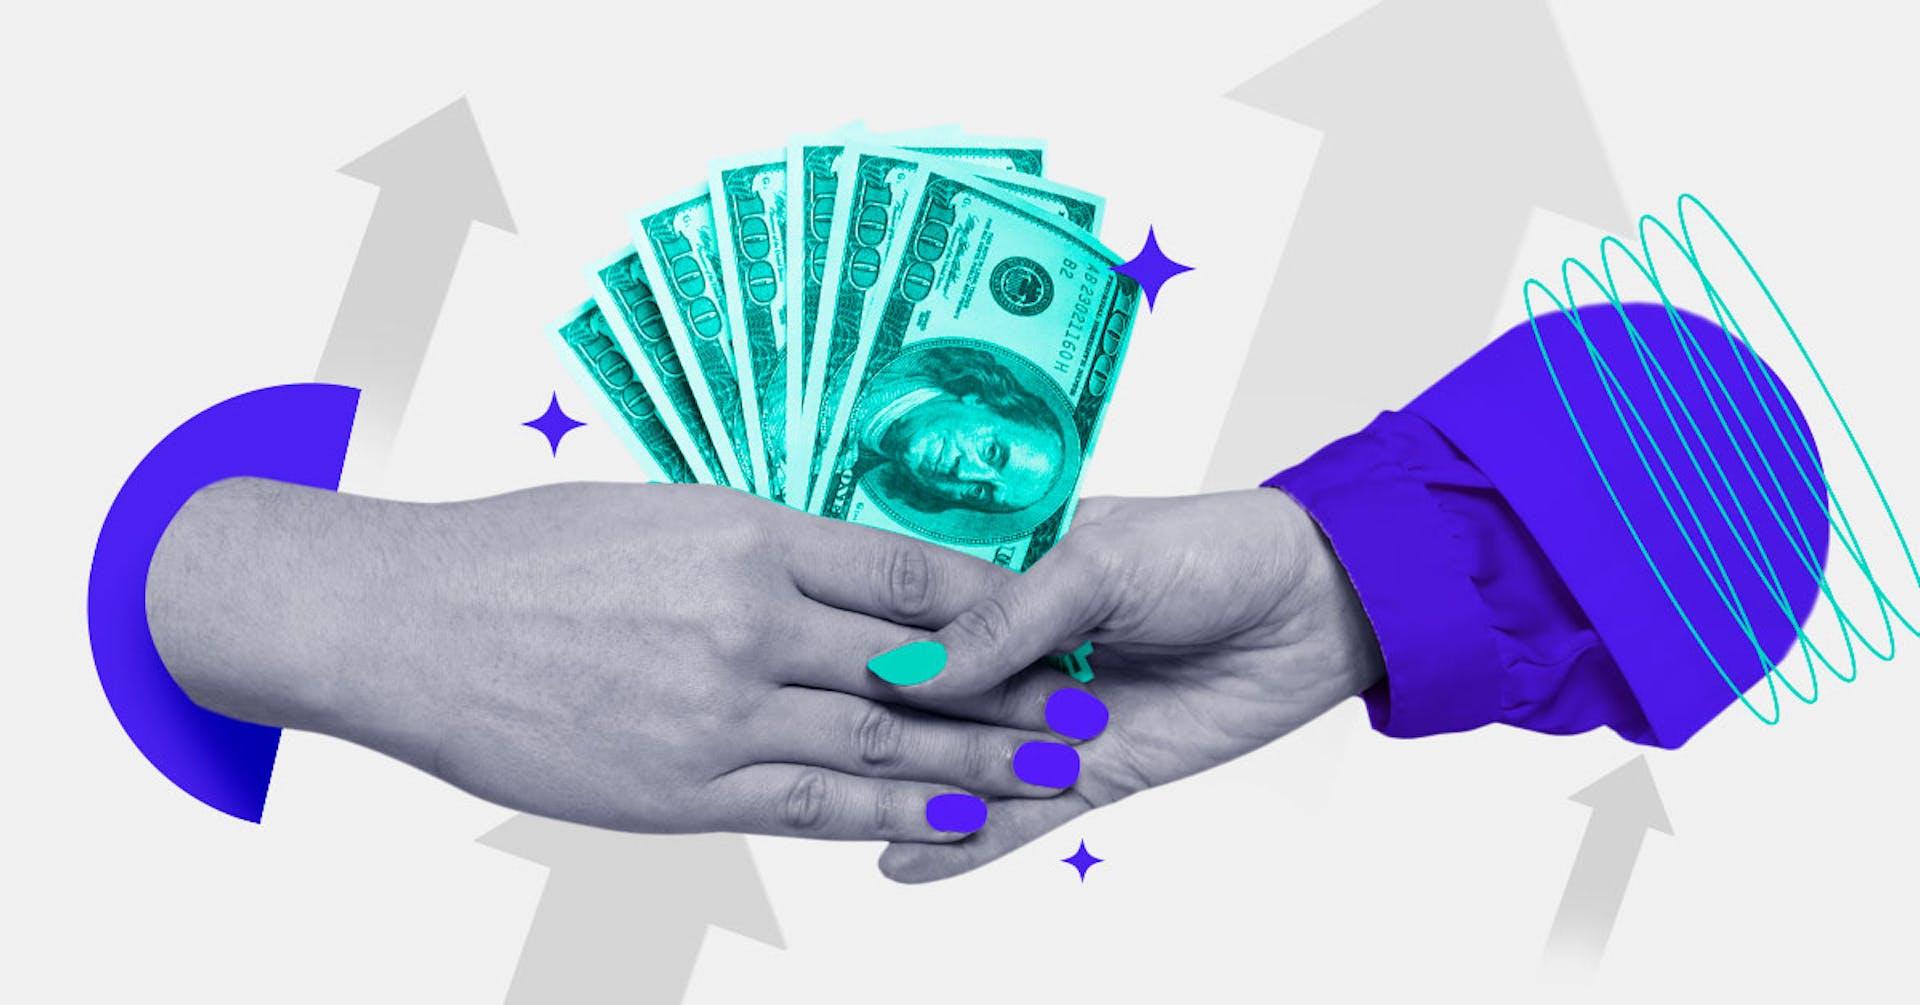 Cómo pedir un aumento de sueldo: 10 consejos clave para ganar más